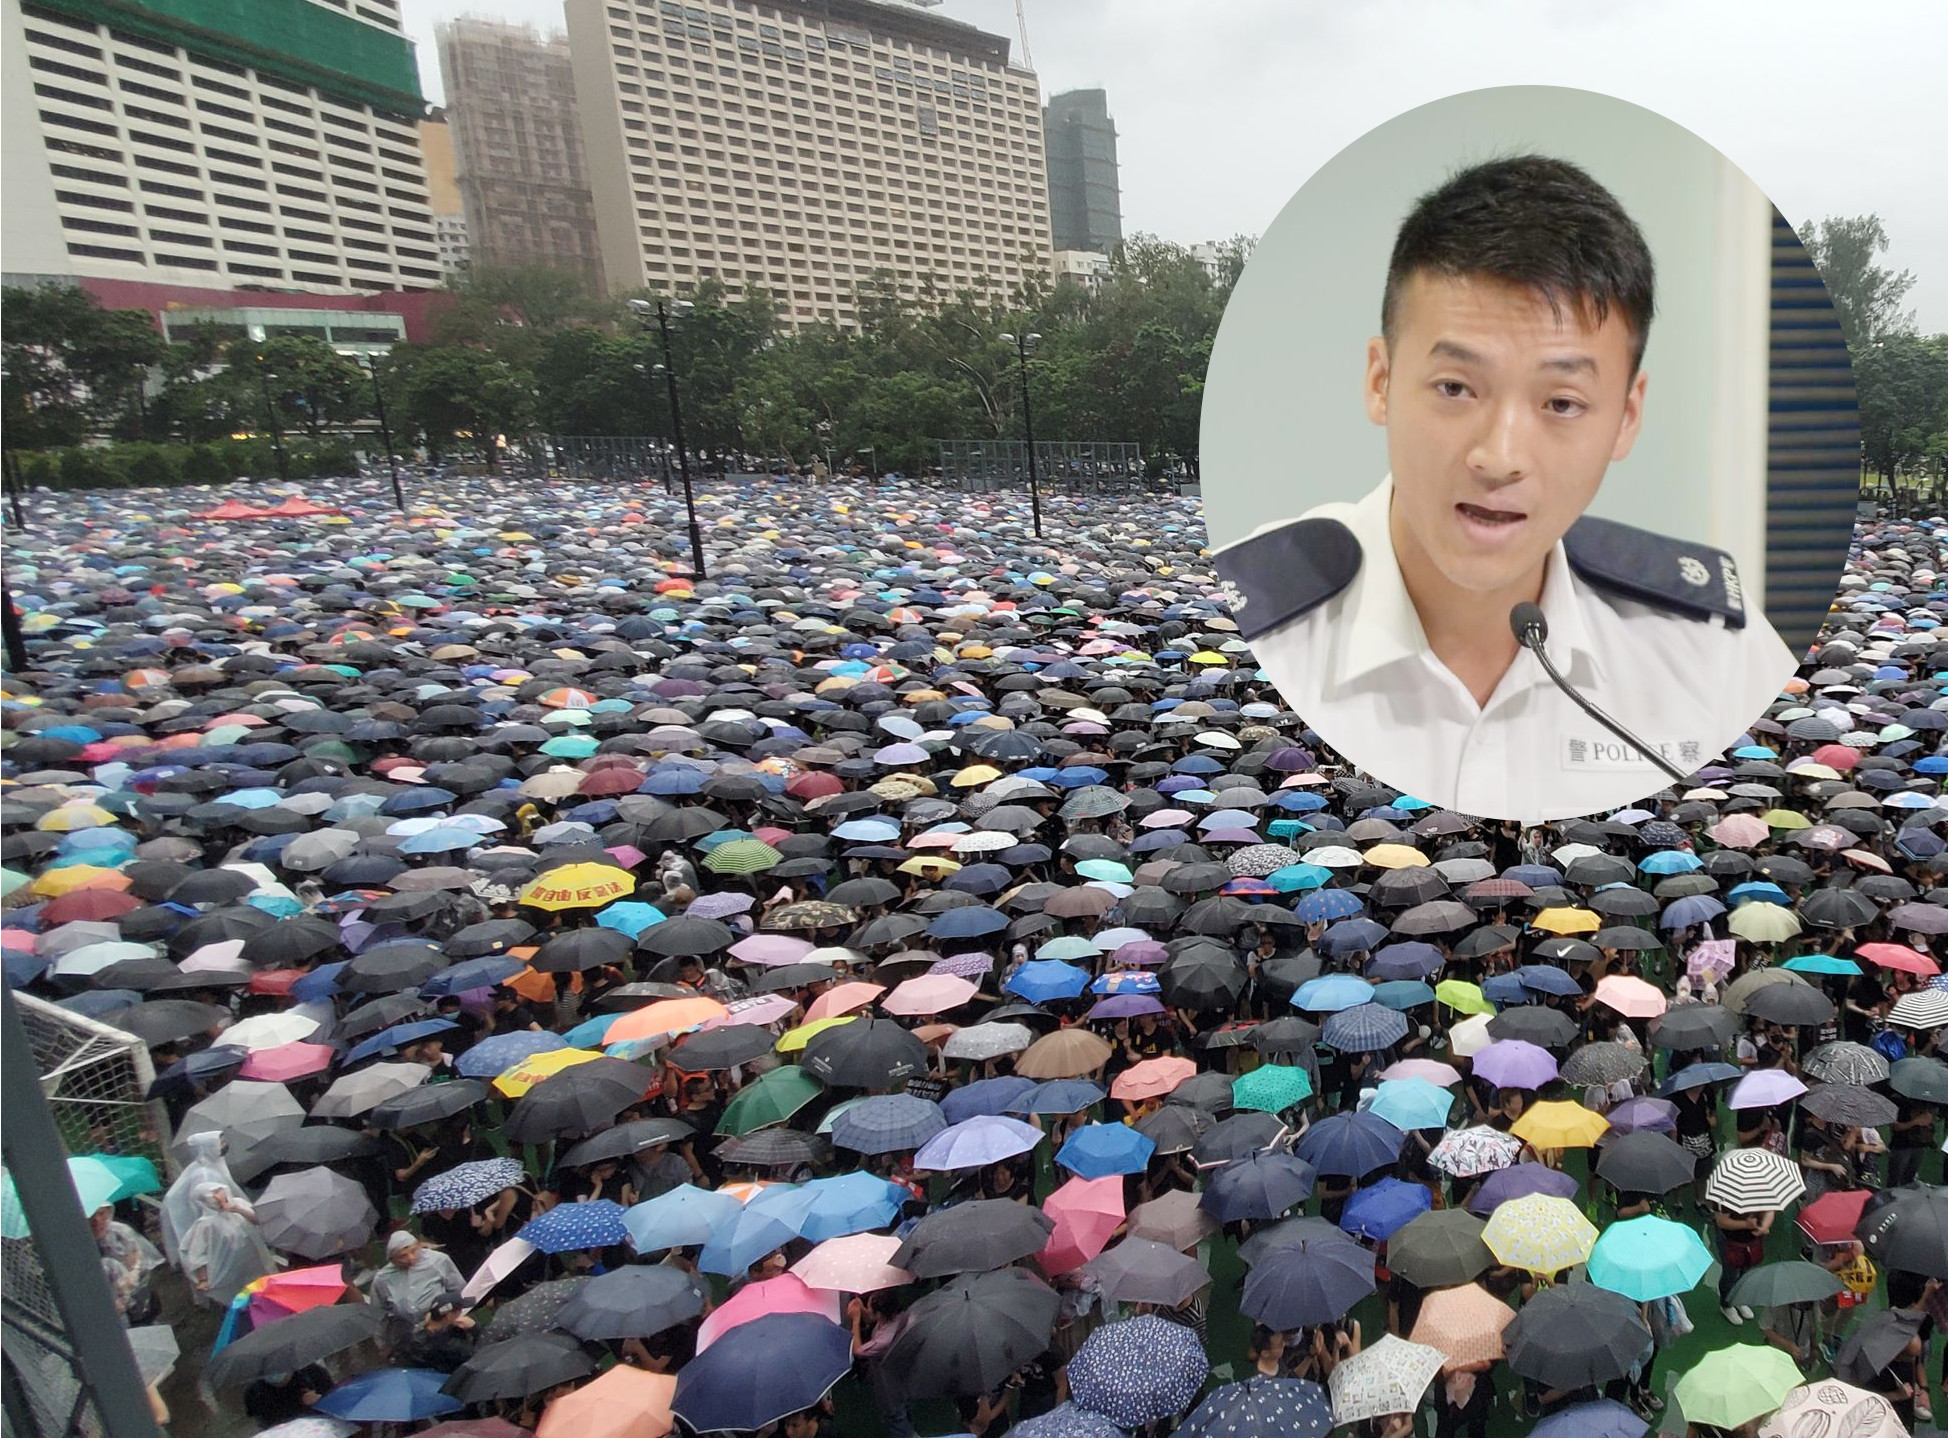 郭進傑(小圖)指,相信激進示威者會借活動作出暴力行為。資料圖片